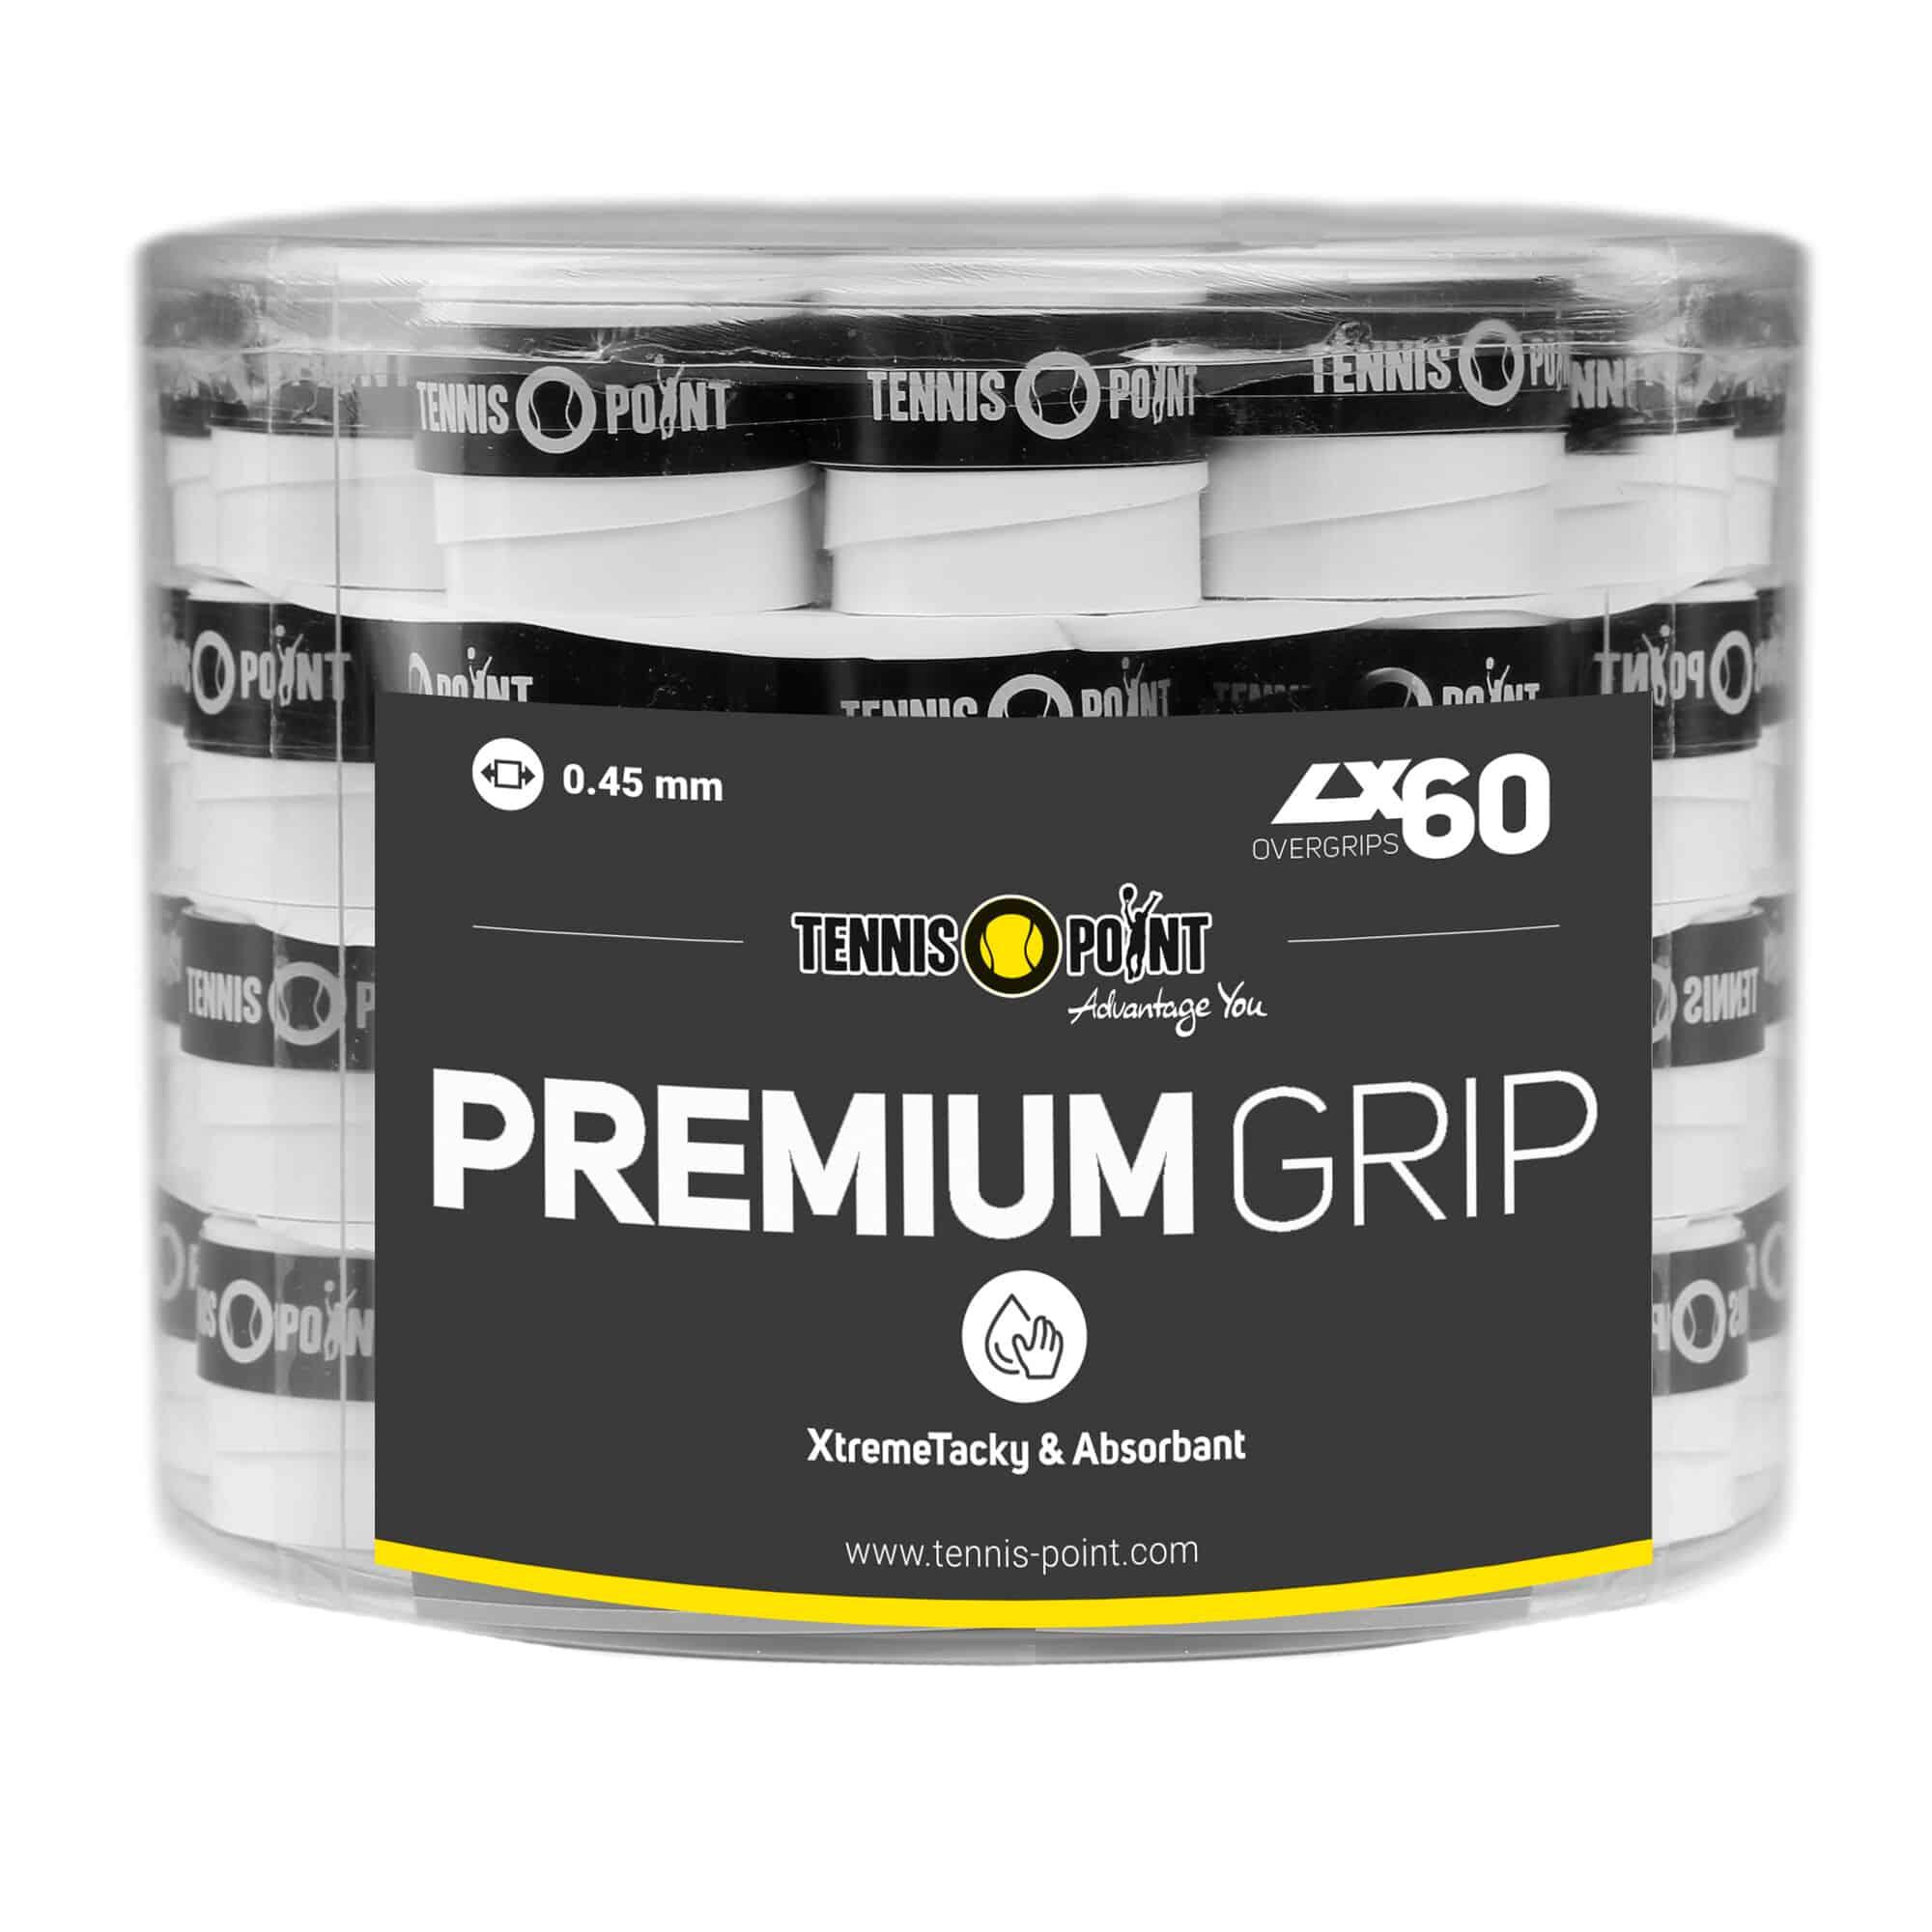 tennis point premium grip